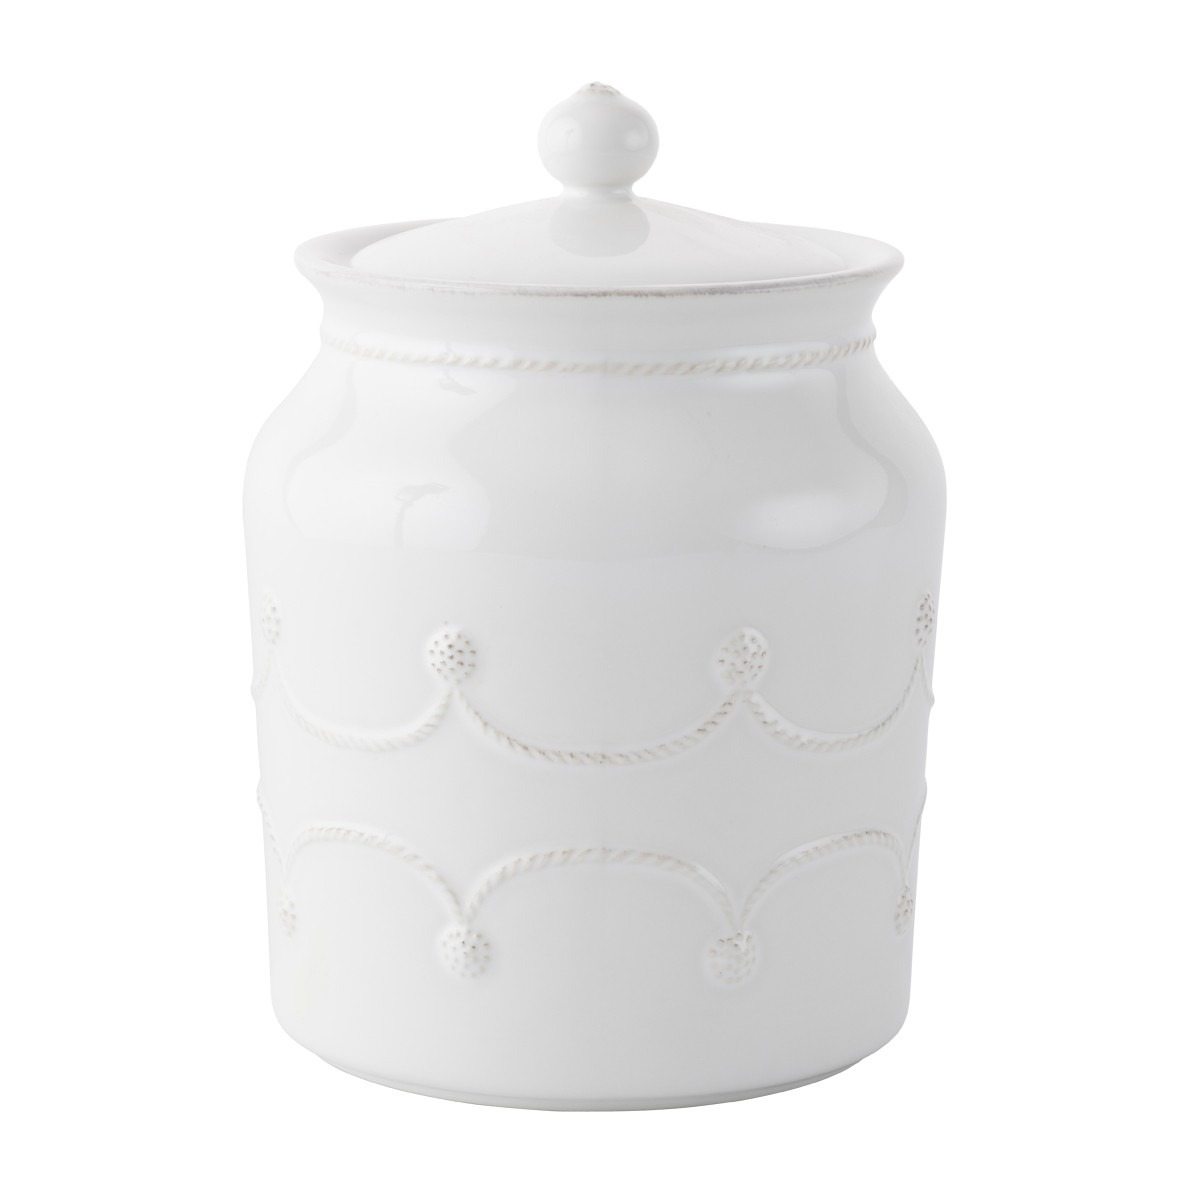 Berry & Thread Whitewash Cookie Jar